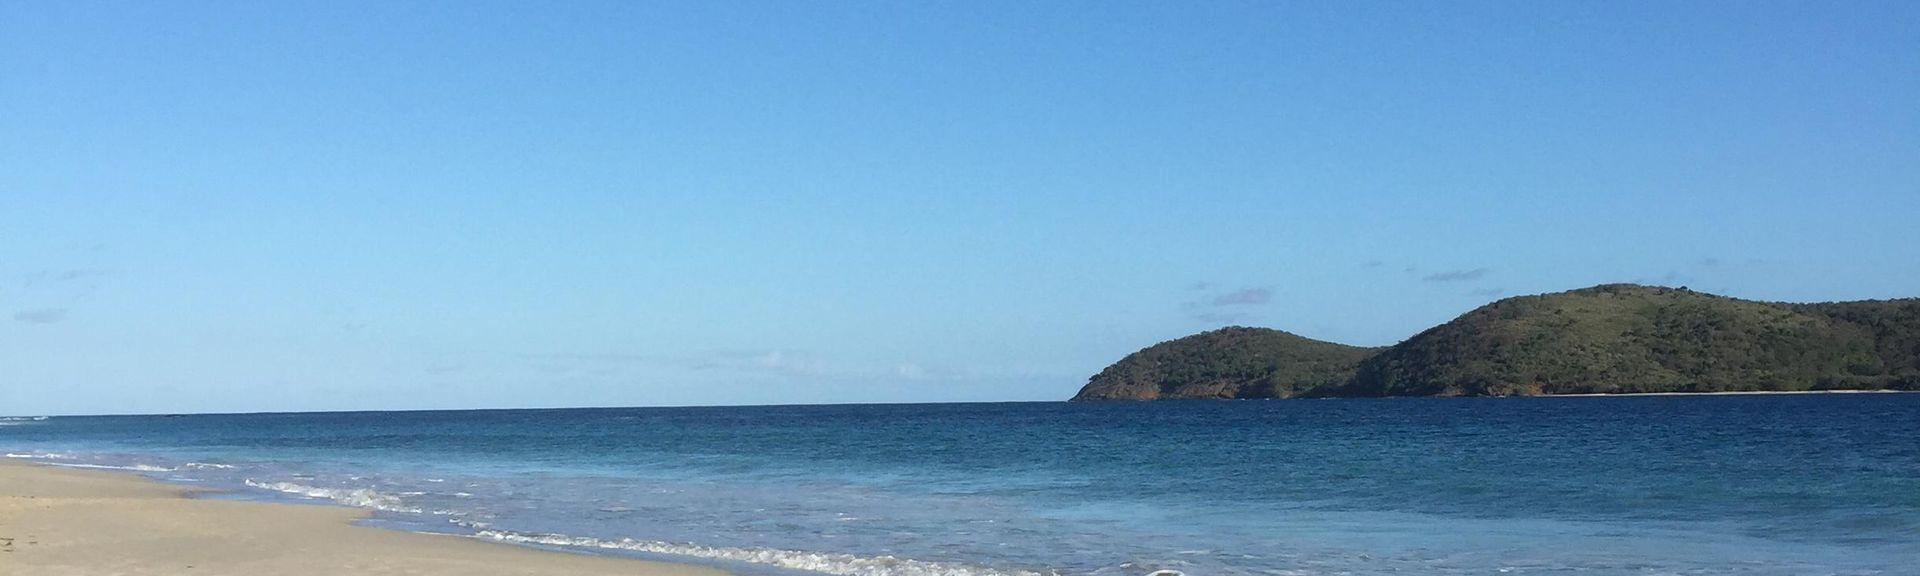 Culebrita Beach, Culebra, Puerto Rico